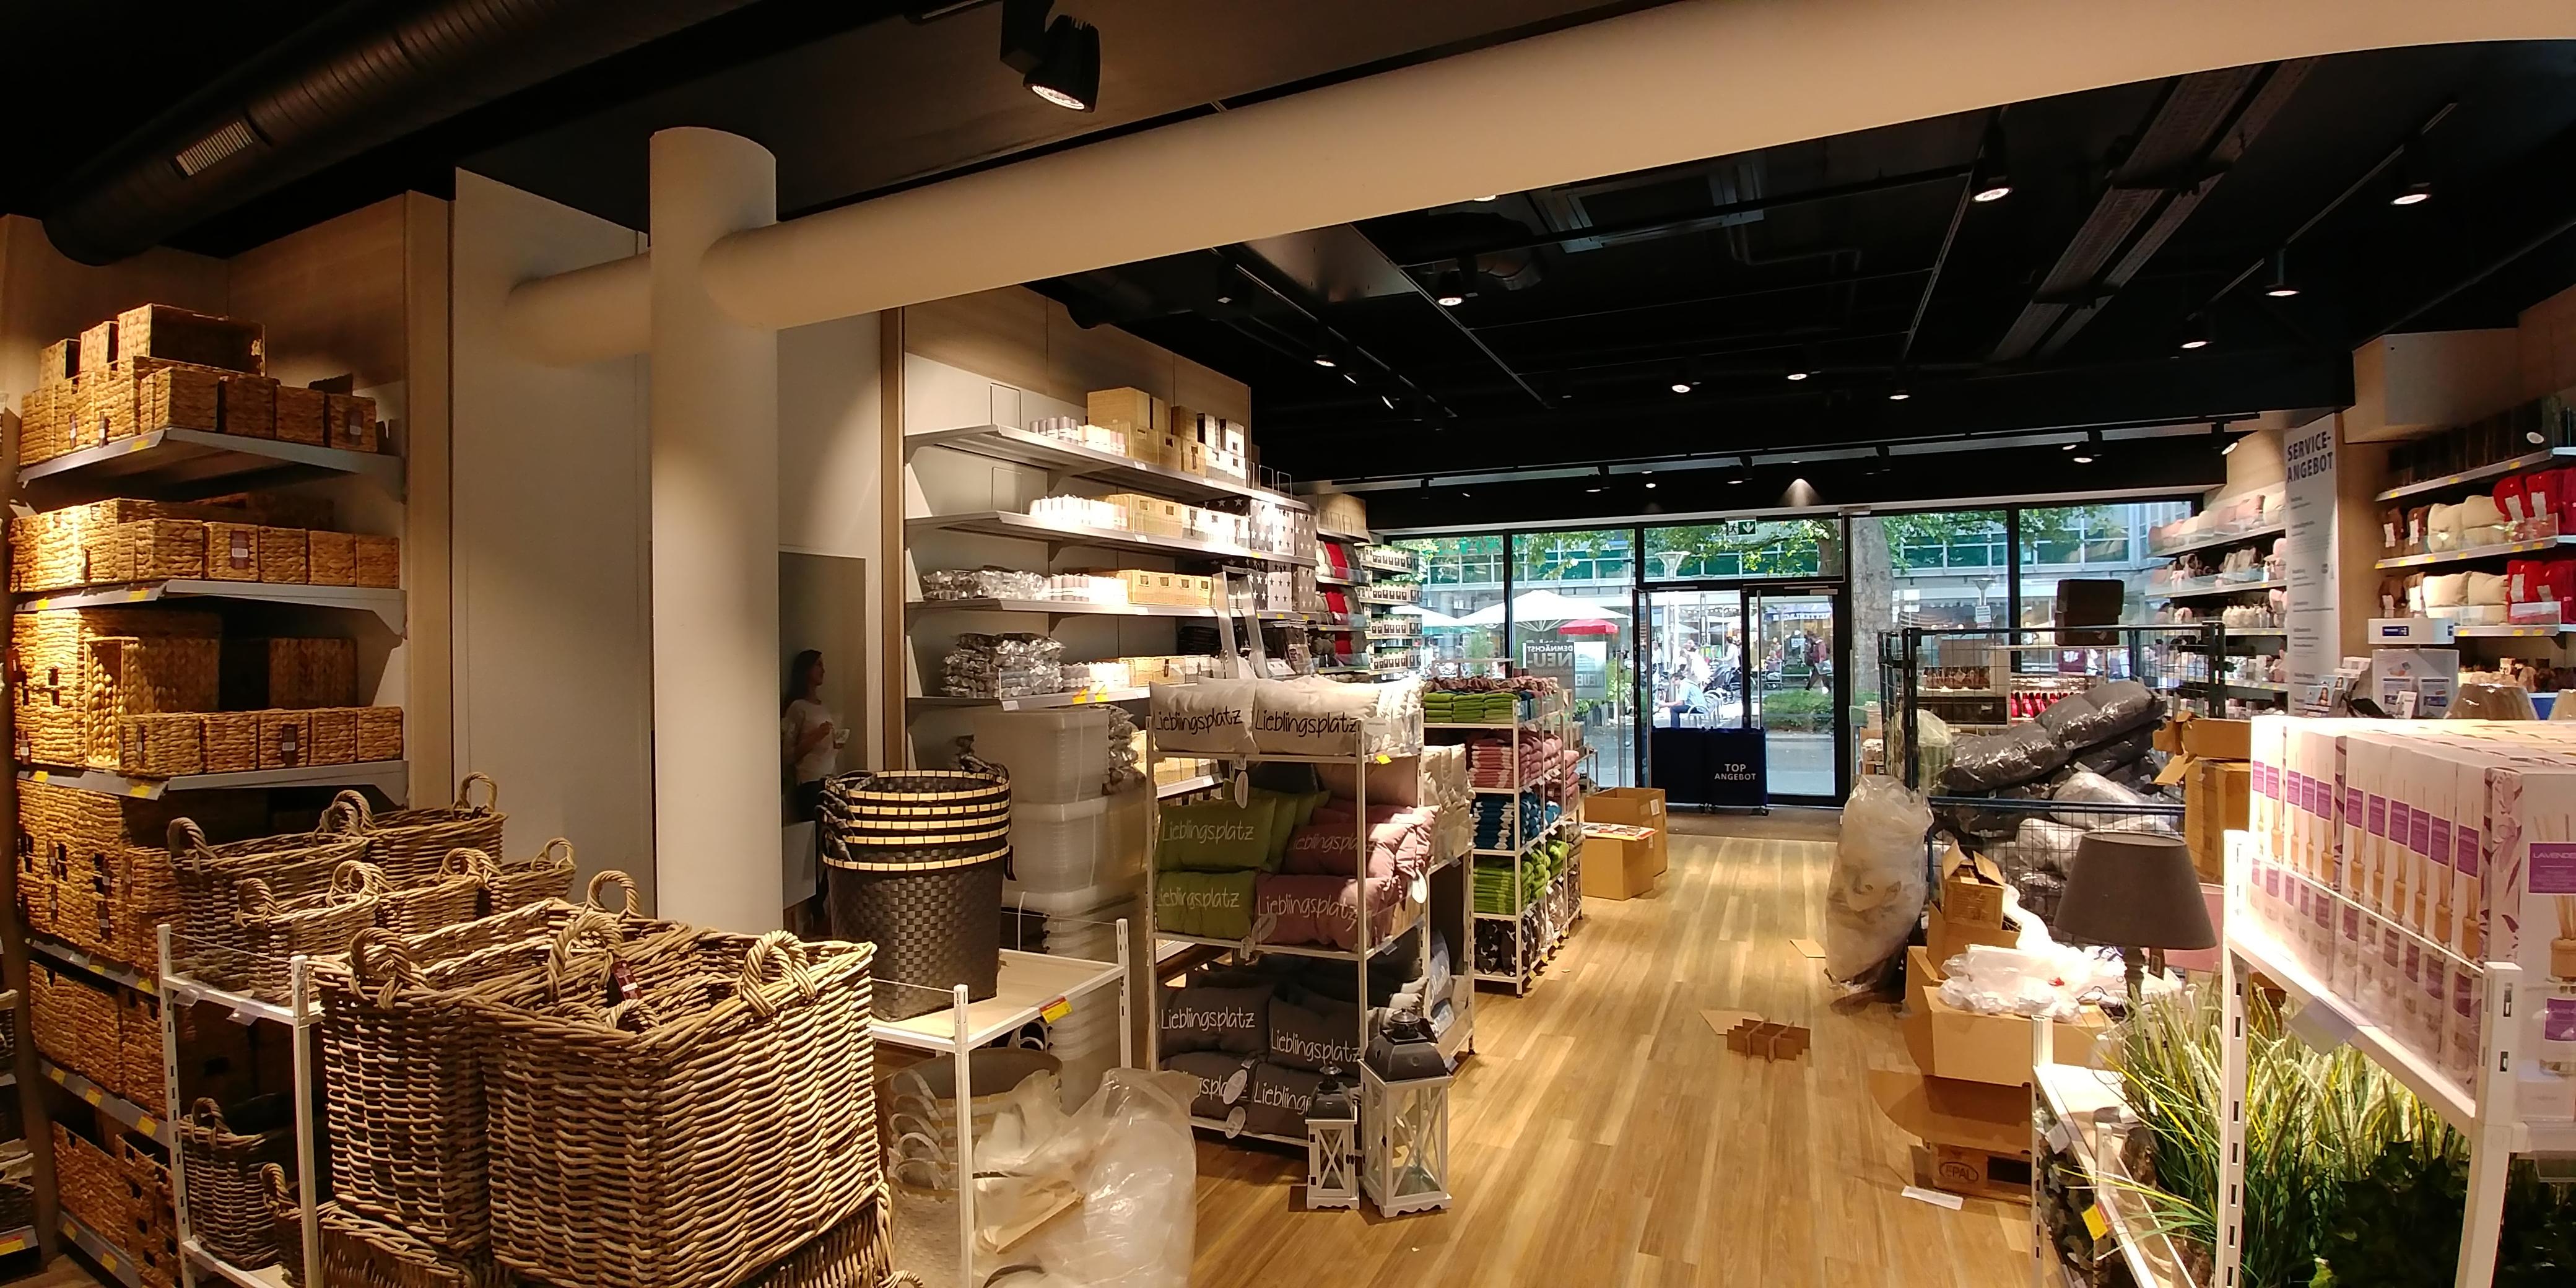 neuer city store von d nisches bettenlager ffnet donnerstag am neumarkt in krefeld. Black Bedroom Furniture Sets. Home Design Ideas